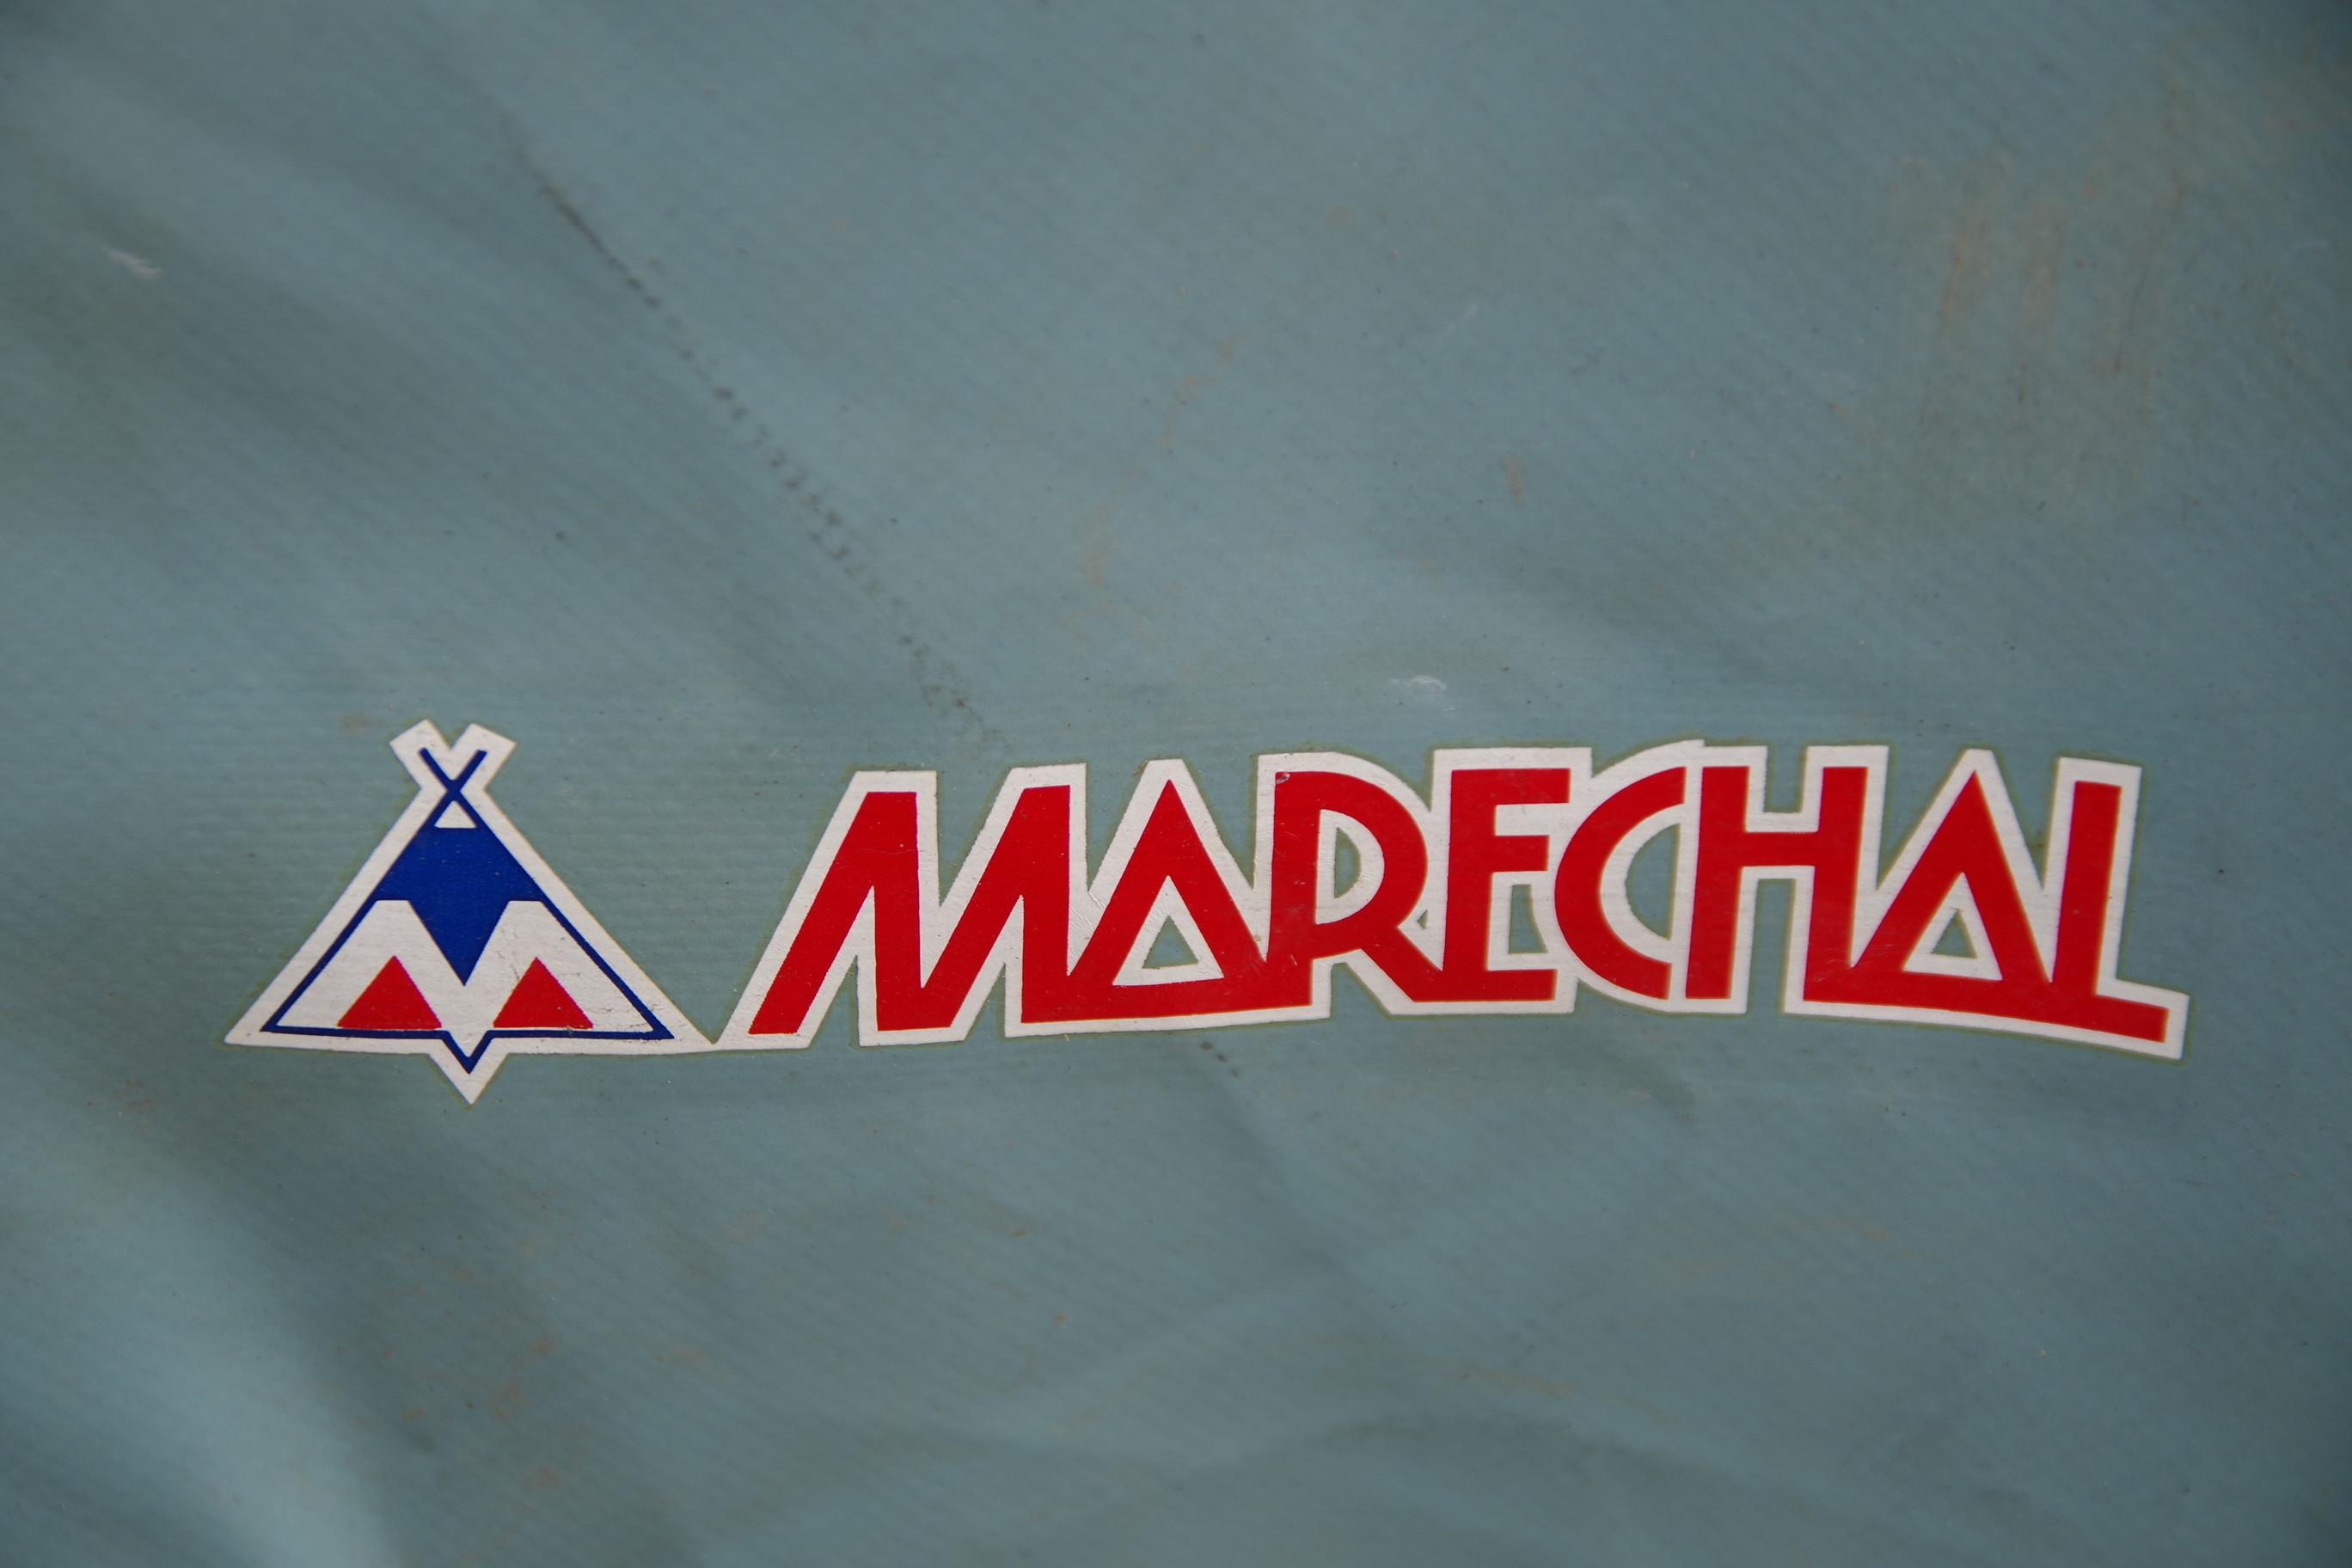 マルシャル Vancluse7 バンクリューズ7 ファミリーサイズ